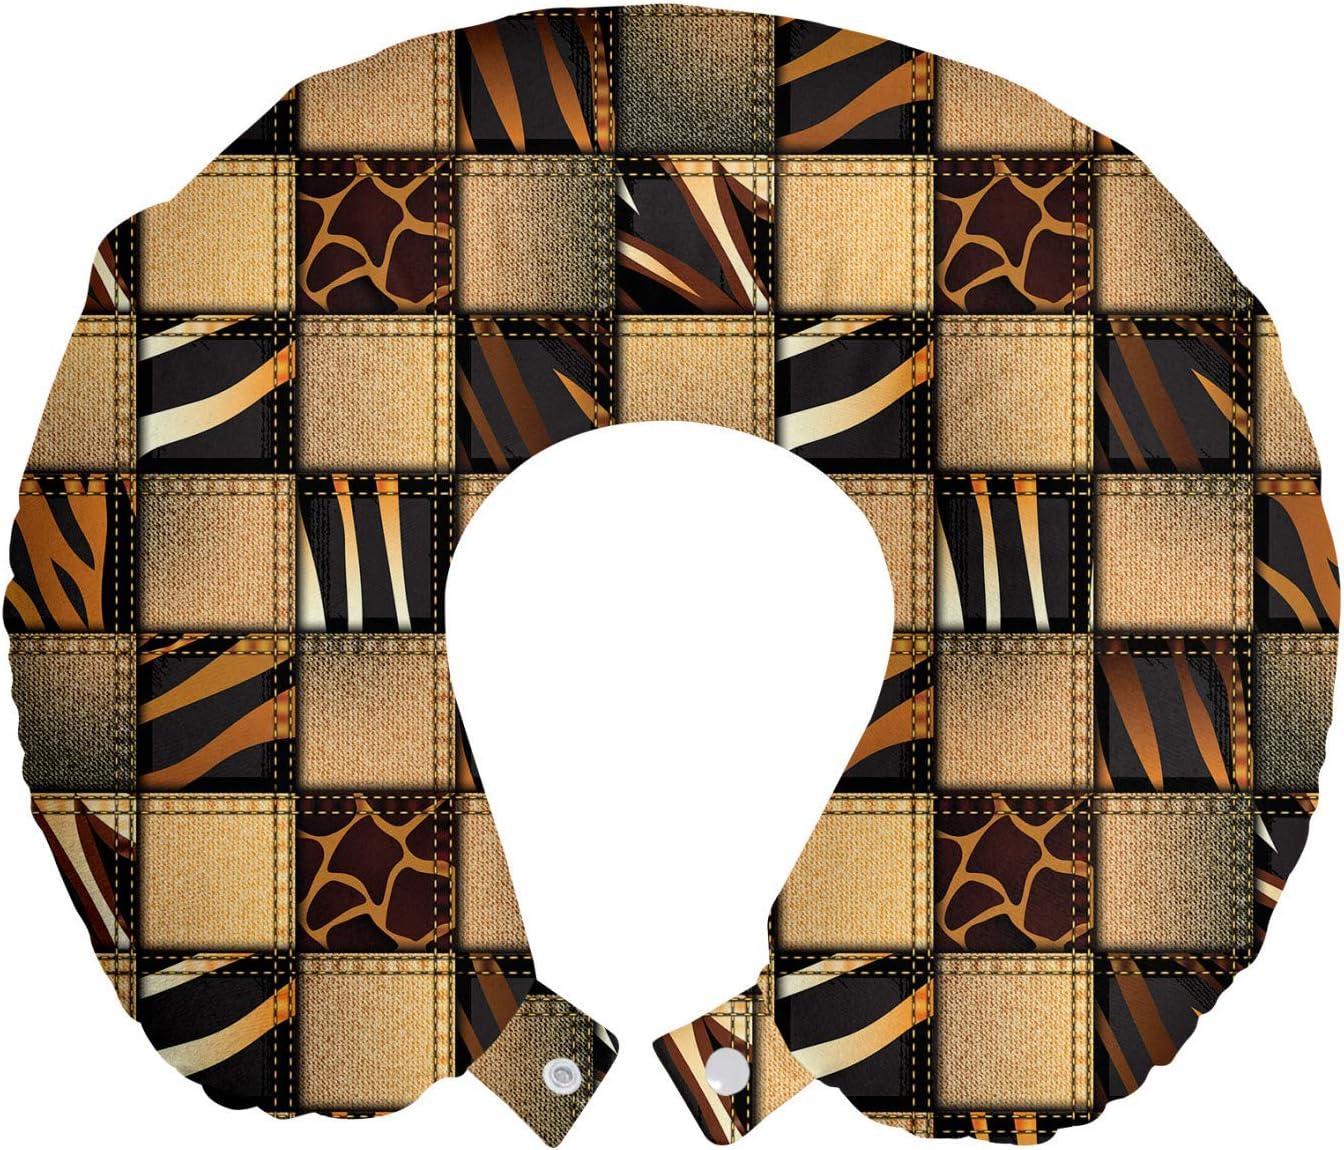 ABAKUHAUS Safari Cojín de Viaje para Soporte de Cuello, Jeans Denim Remiendo, de Espuma con Memoria y Funda Estampada, 30x30 cm, Brown y Negro